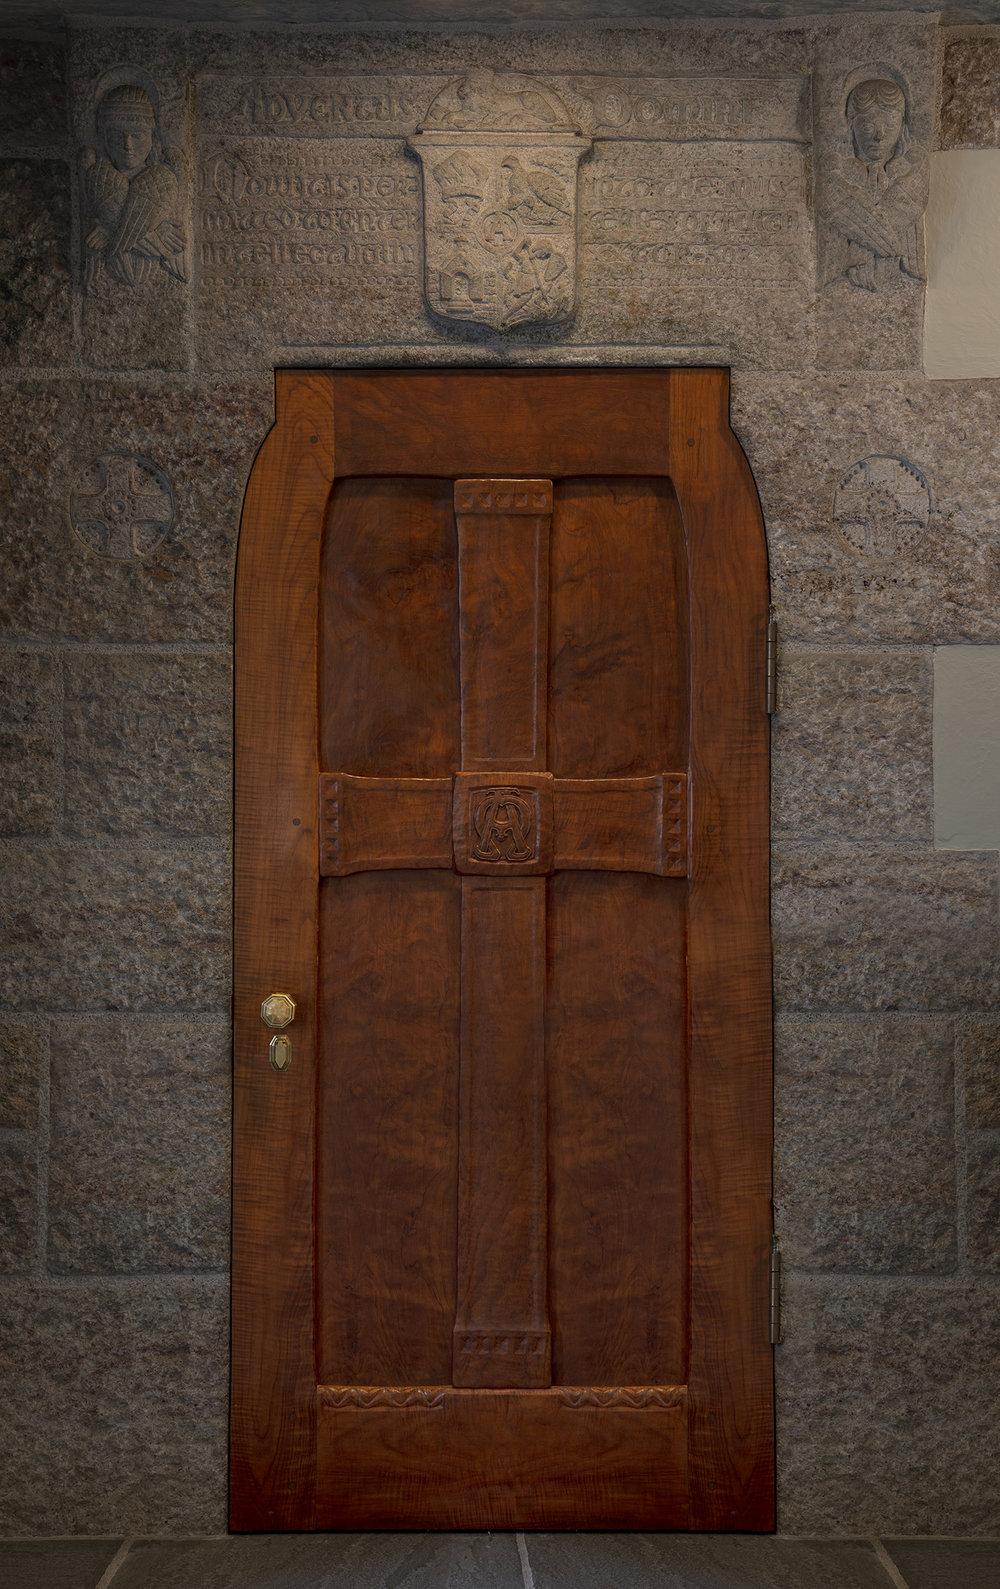 Figure 14: The lintel and teakwood door for Glencairn's chapel on the fifth floor.